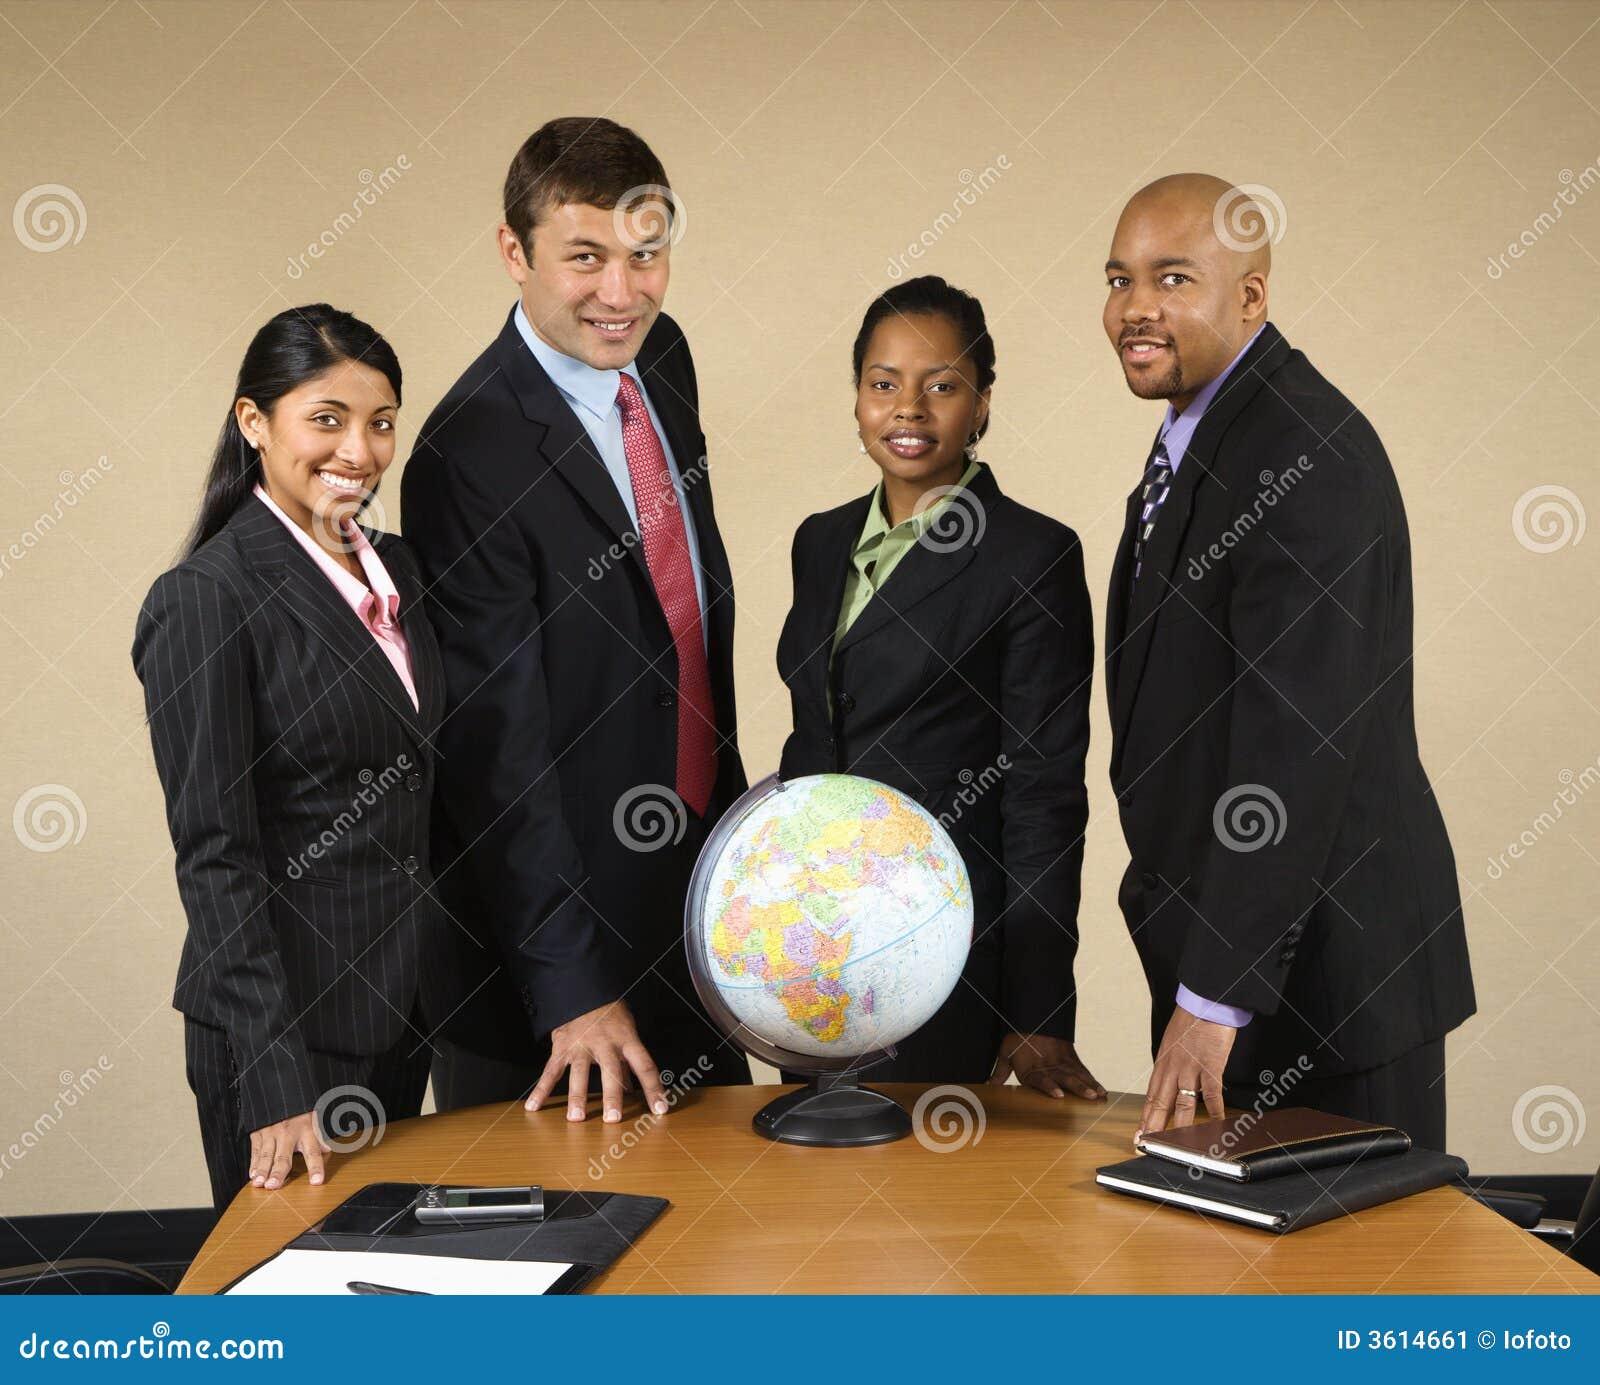 World business.